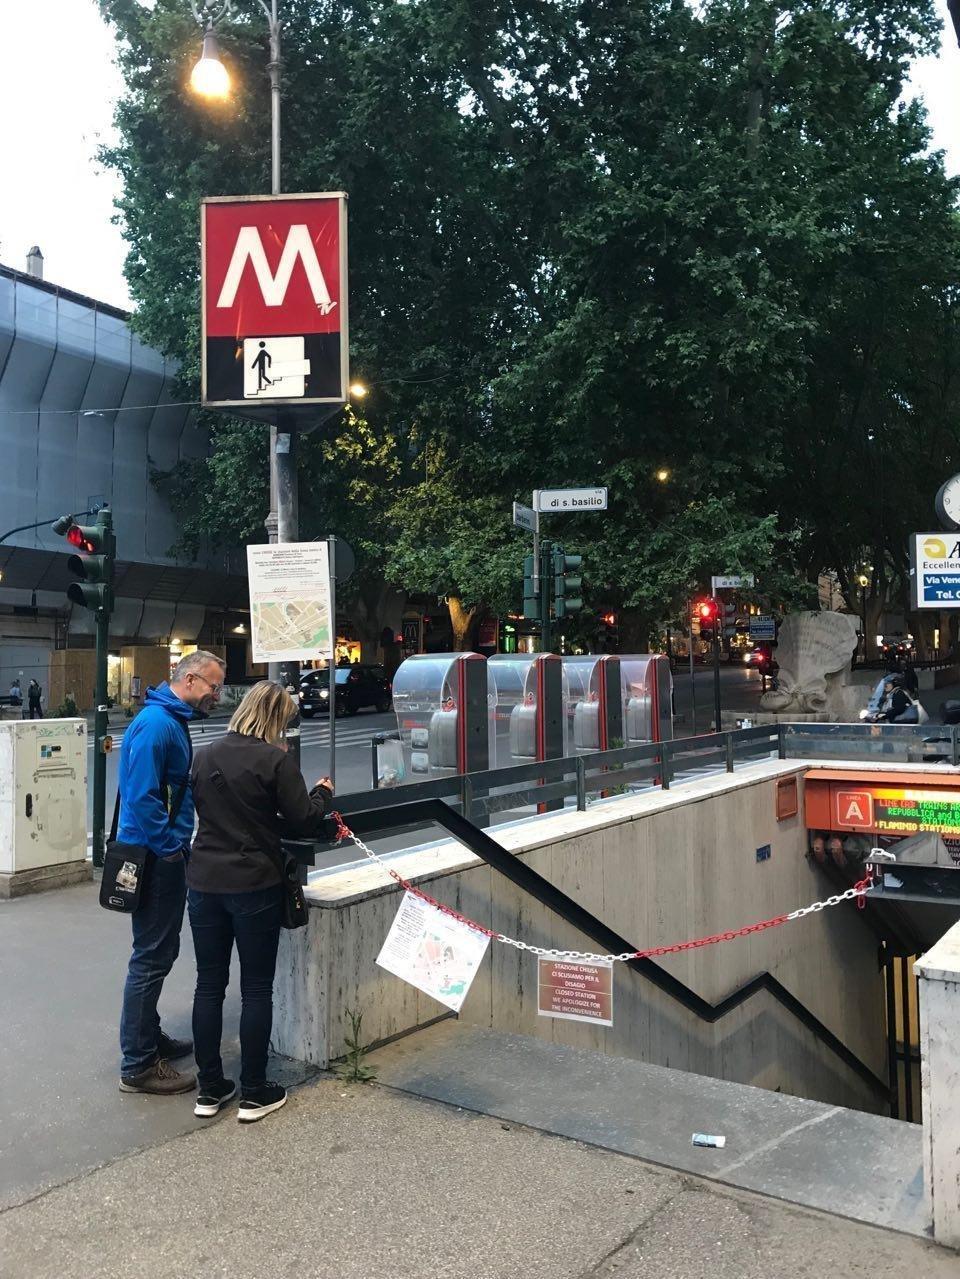 Station de métro fermée en Italie